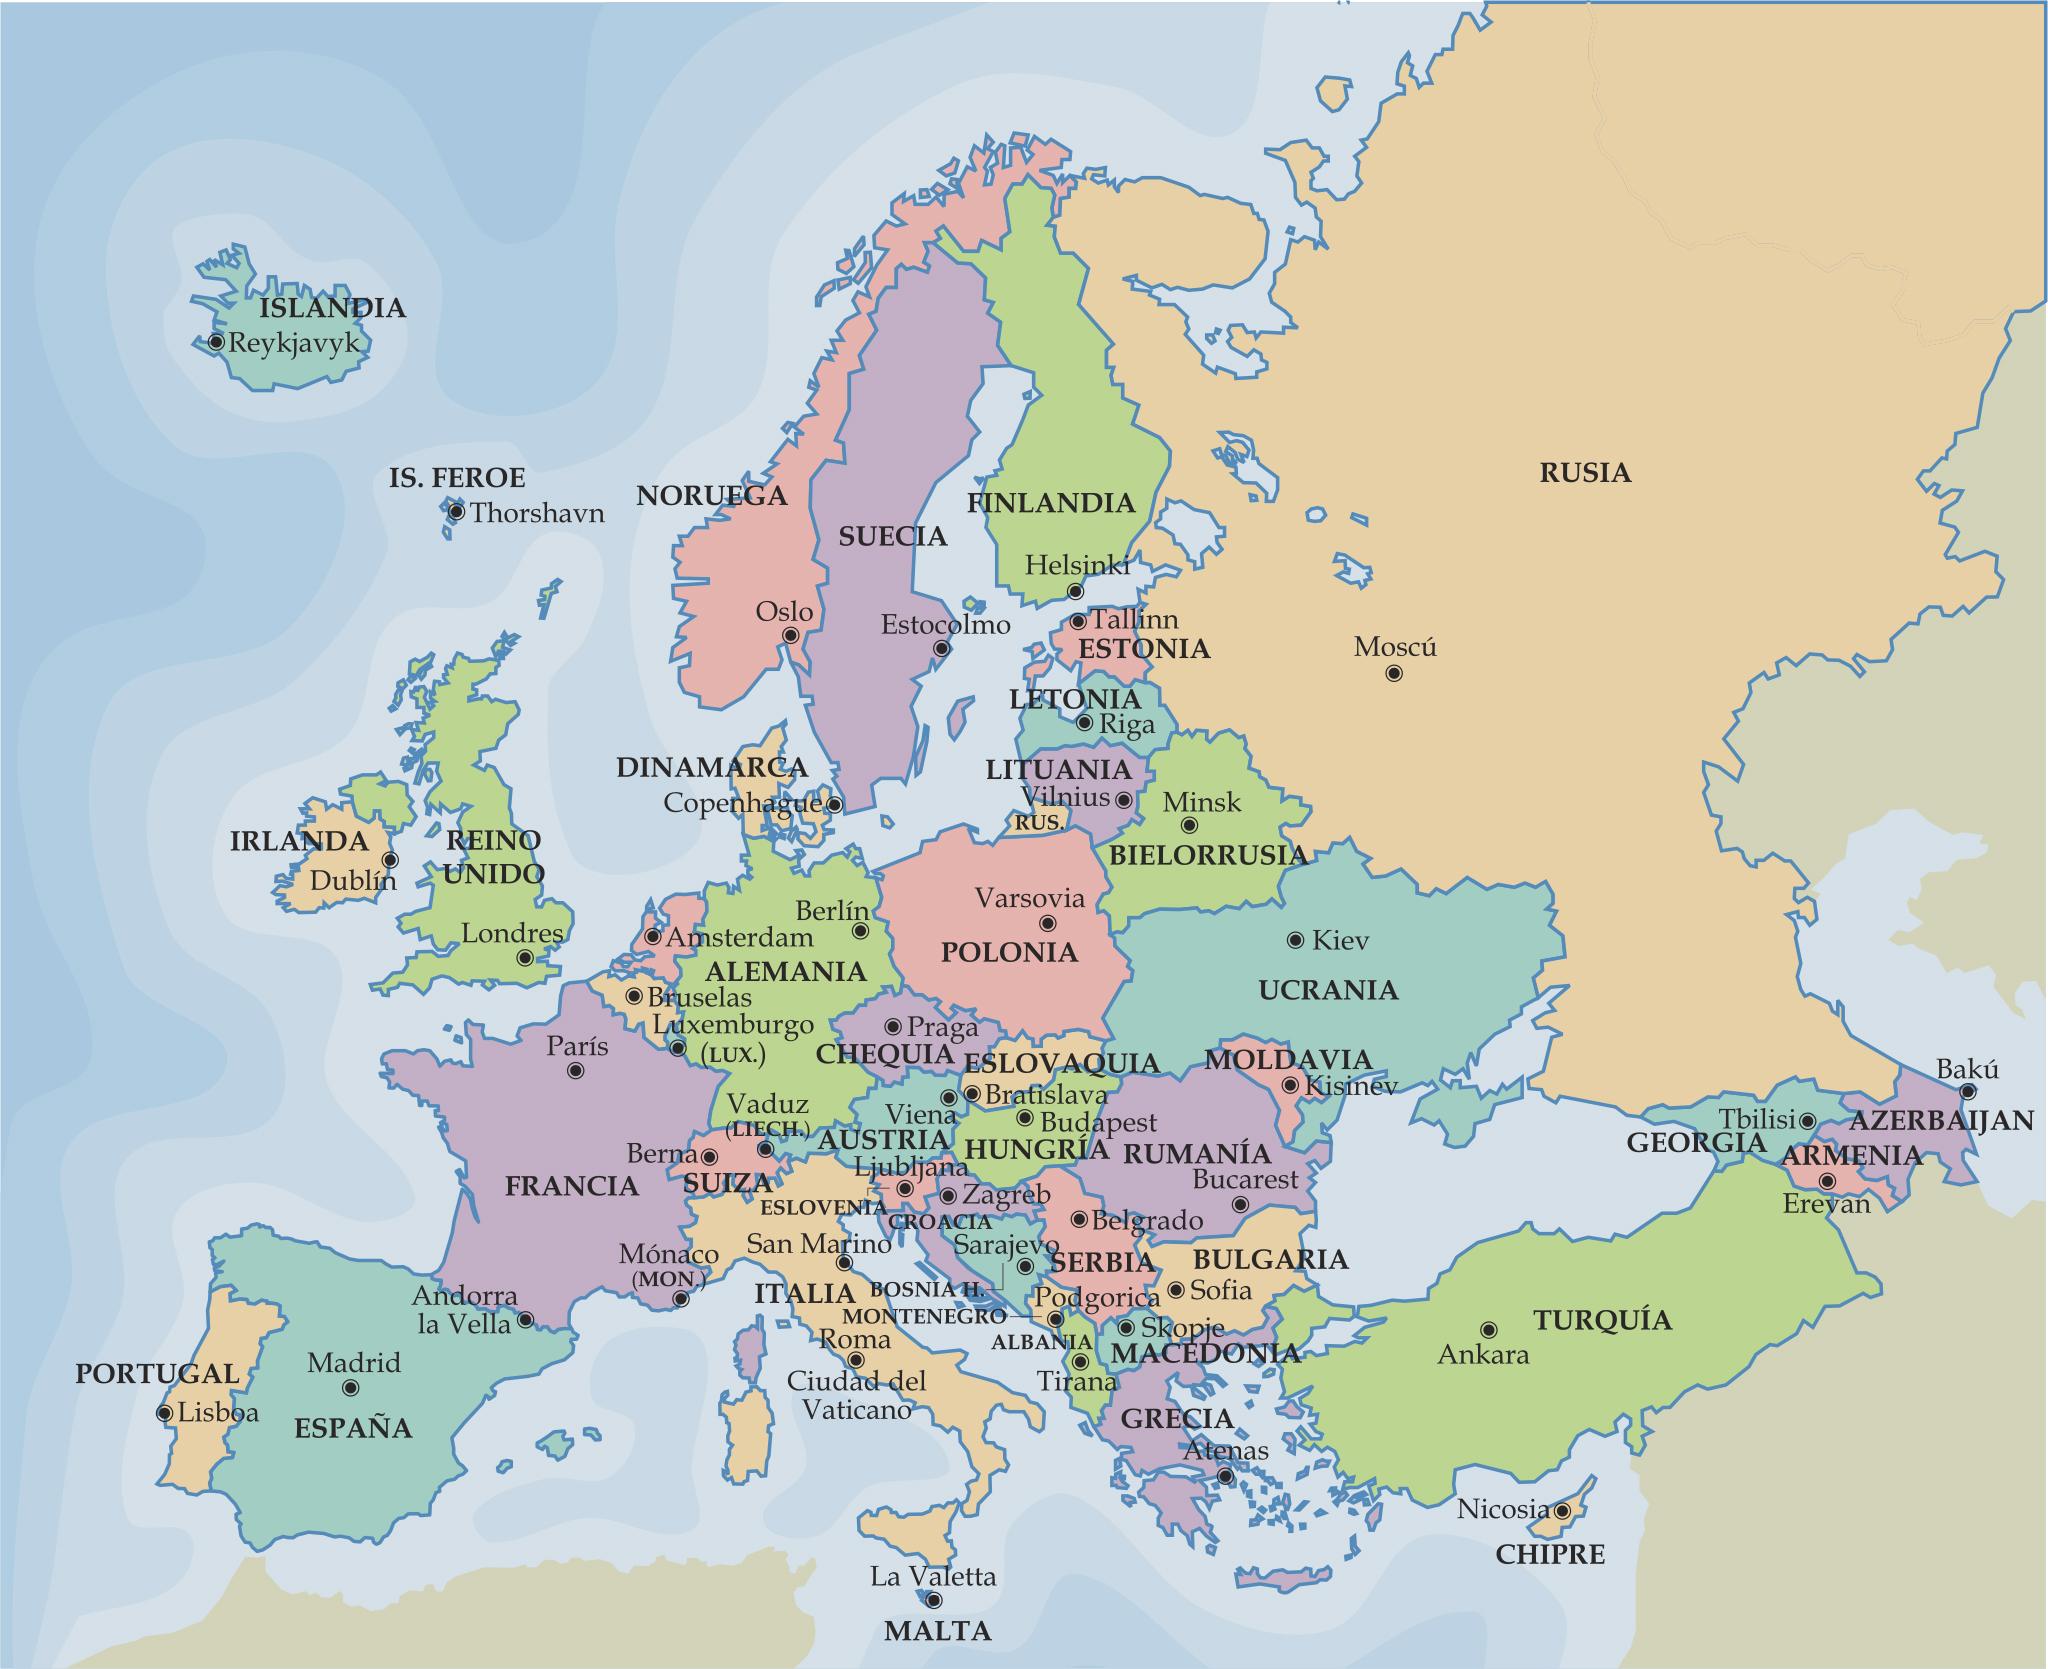 armenia mapa europa Europa: Repúblicas y Monarquías | Hectorsaurius Park armenia mapa europa